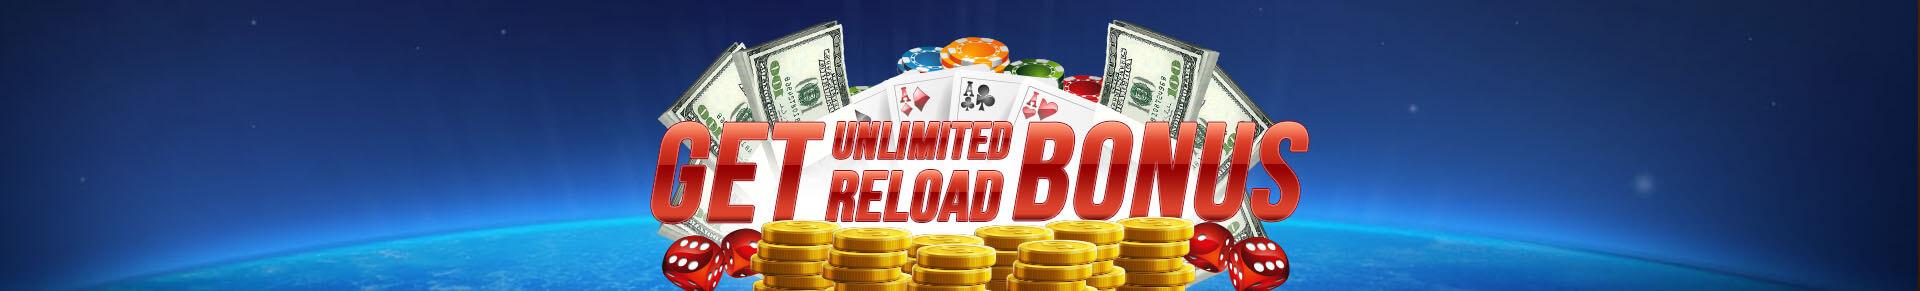 Unlimited Reload Bonus